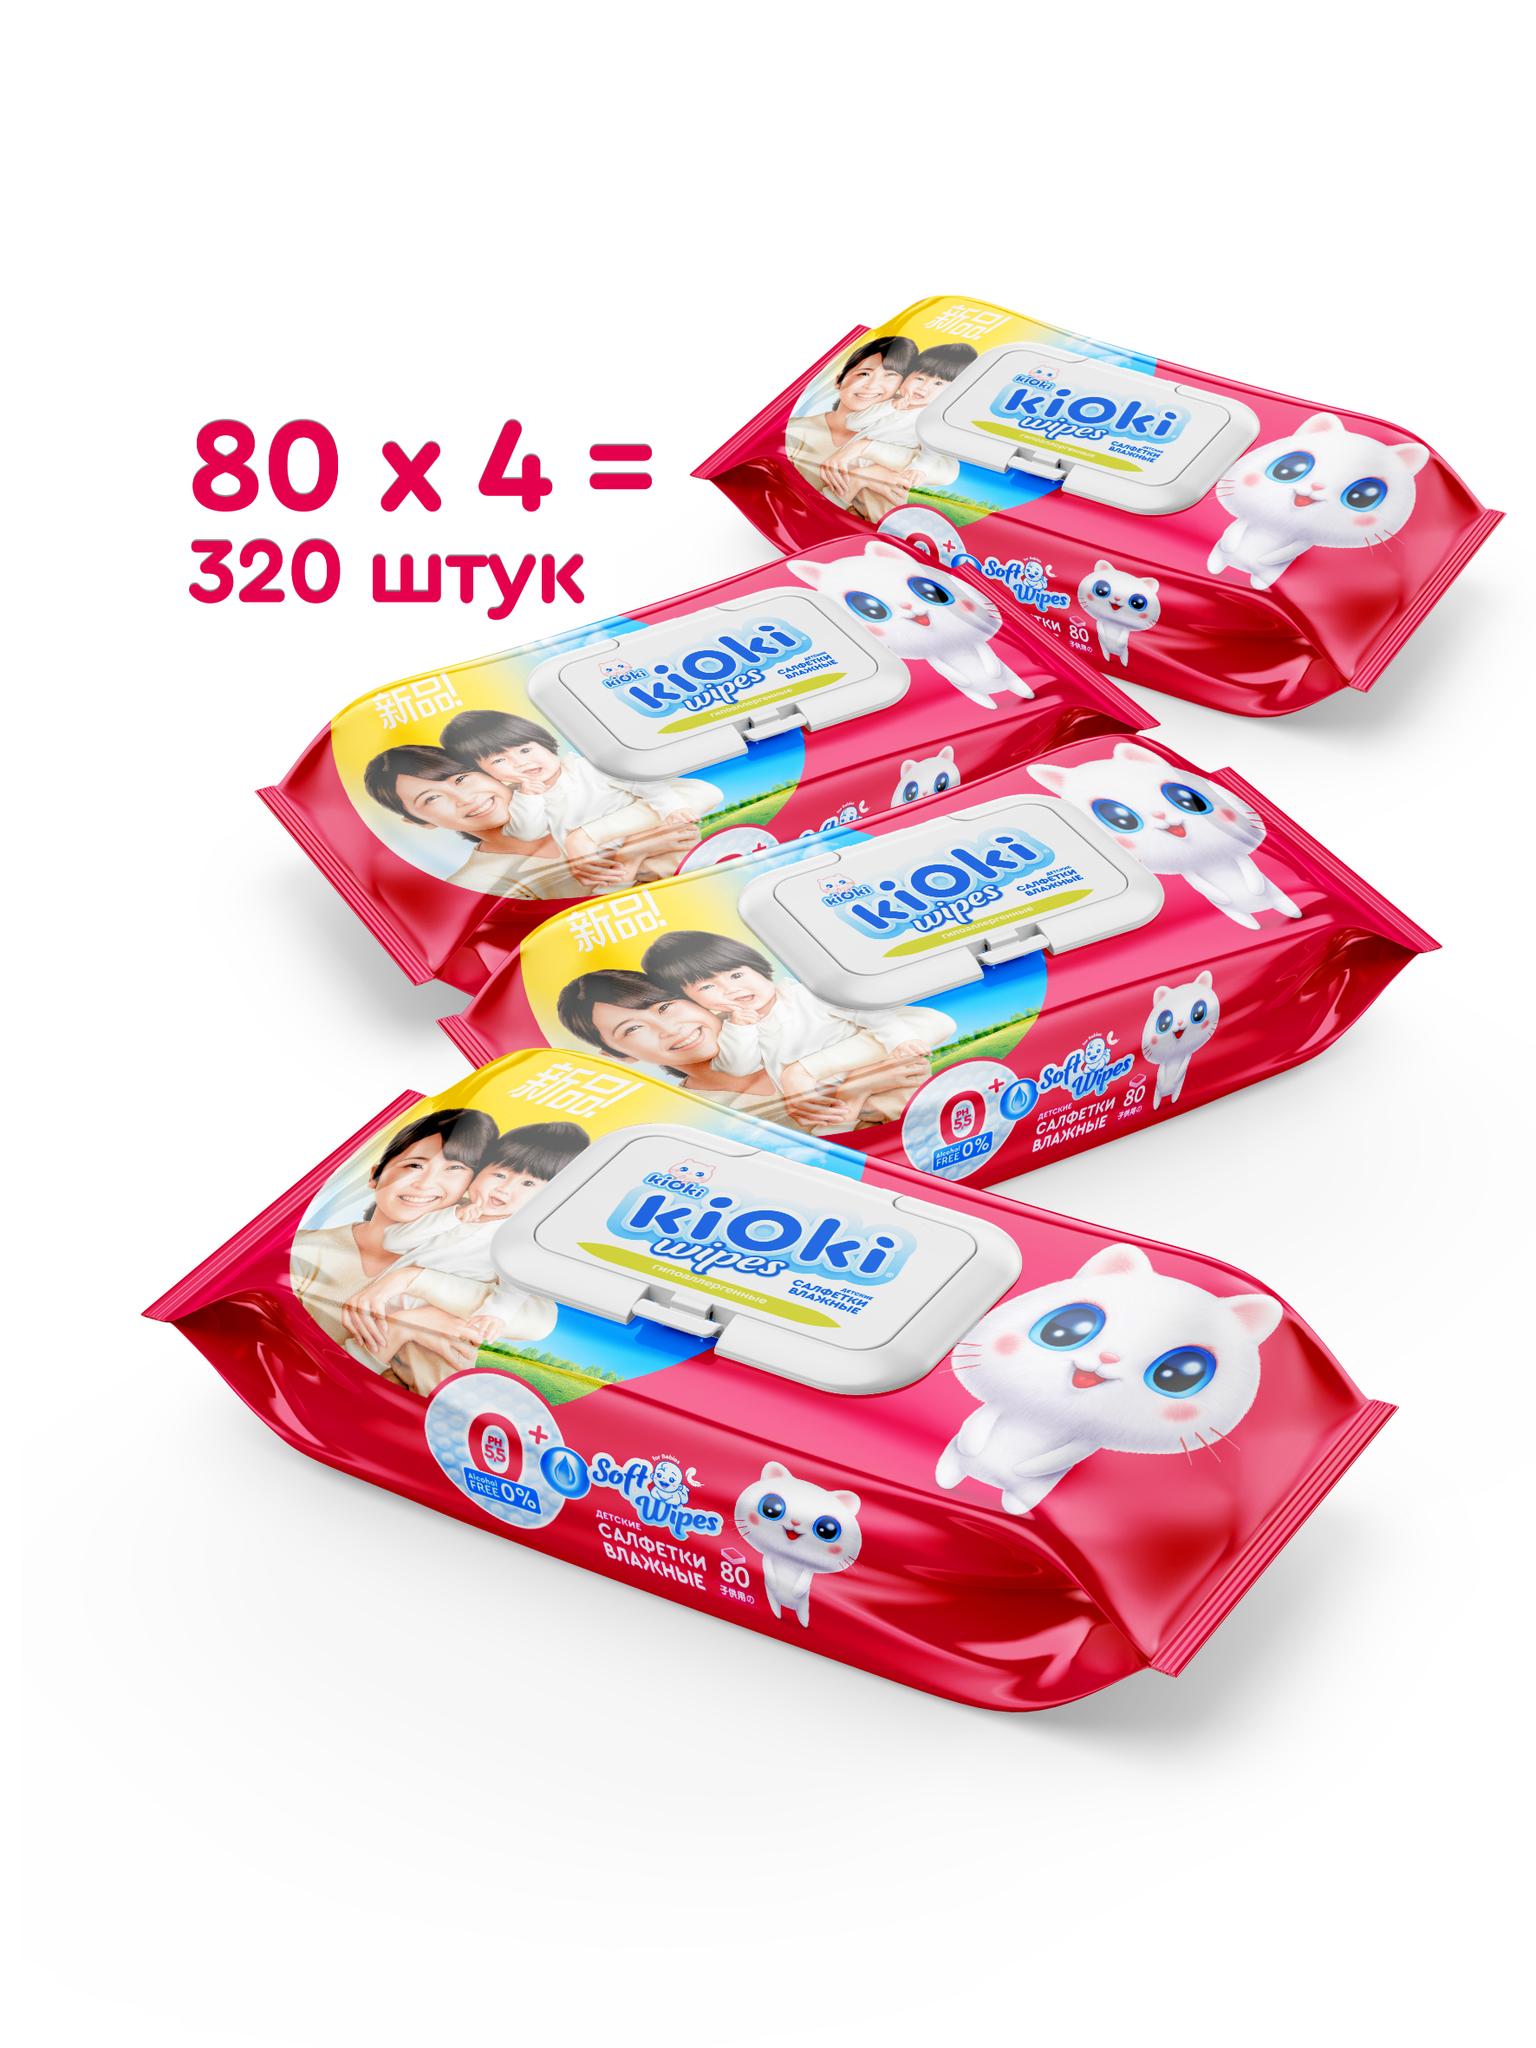 kiOki Детские влажные салфетки, 320 шт. (80 * 4 уп.)